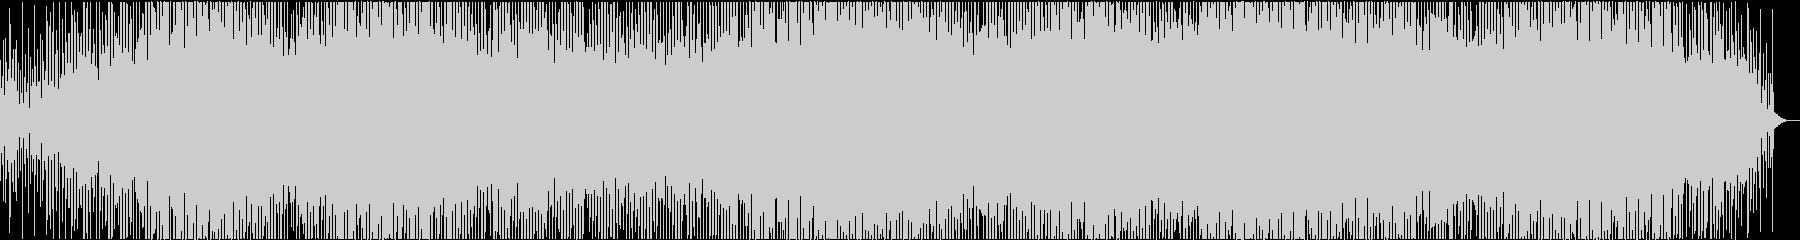 動画14 ニュース・情報・VPの未再生の波形